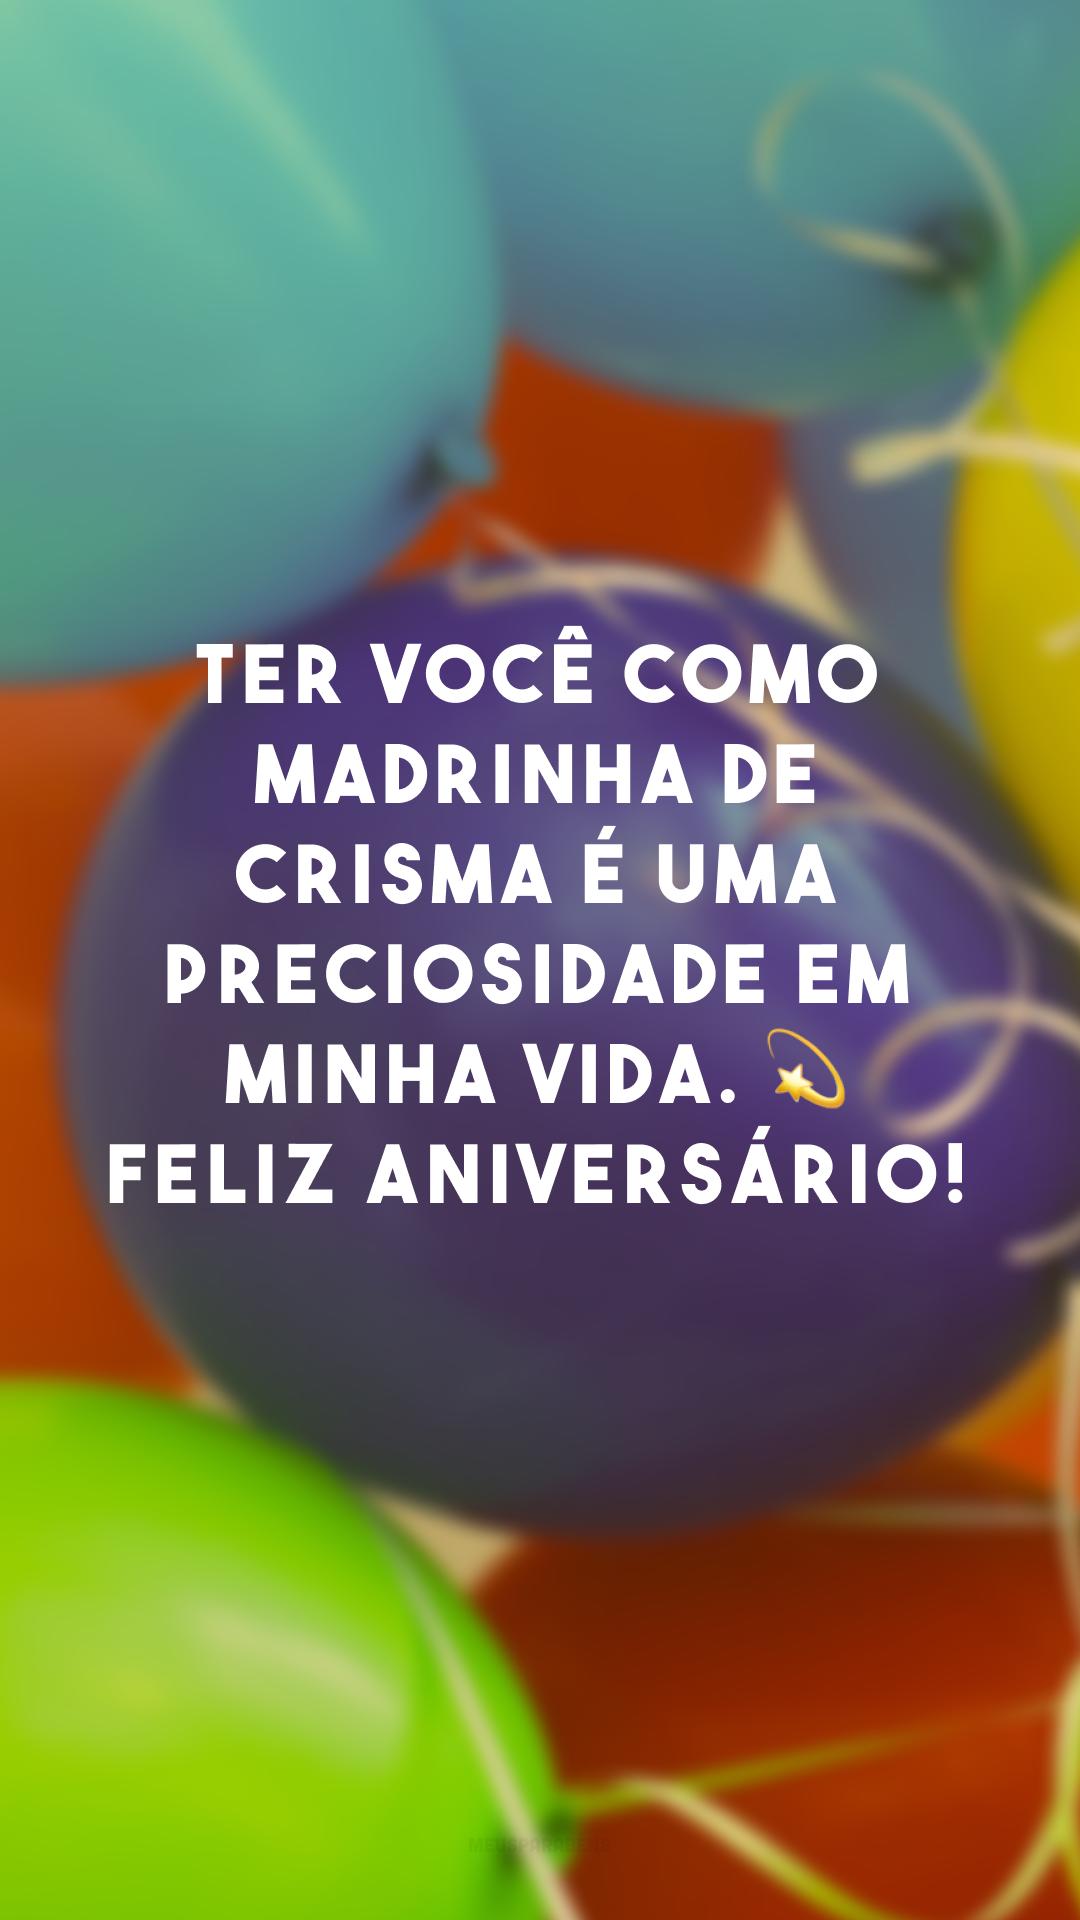 Ter você como madrinha de crisma é uma preciosidade em minha vida. 💫 Feliz aniversário!